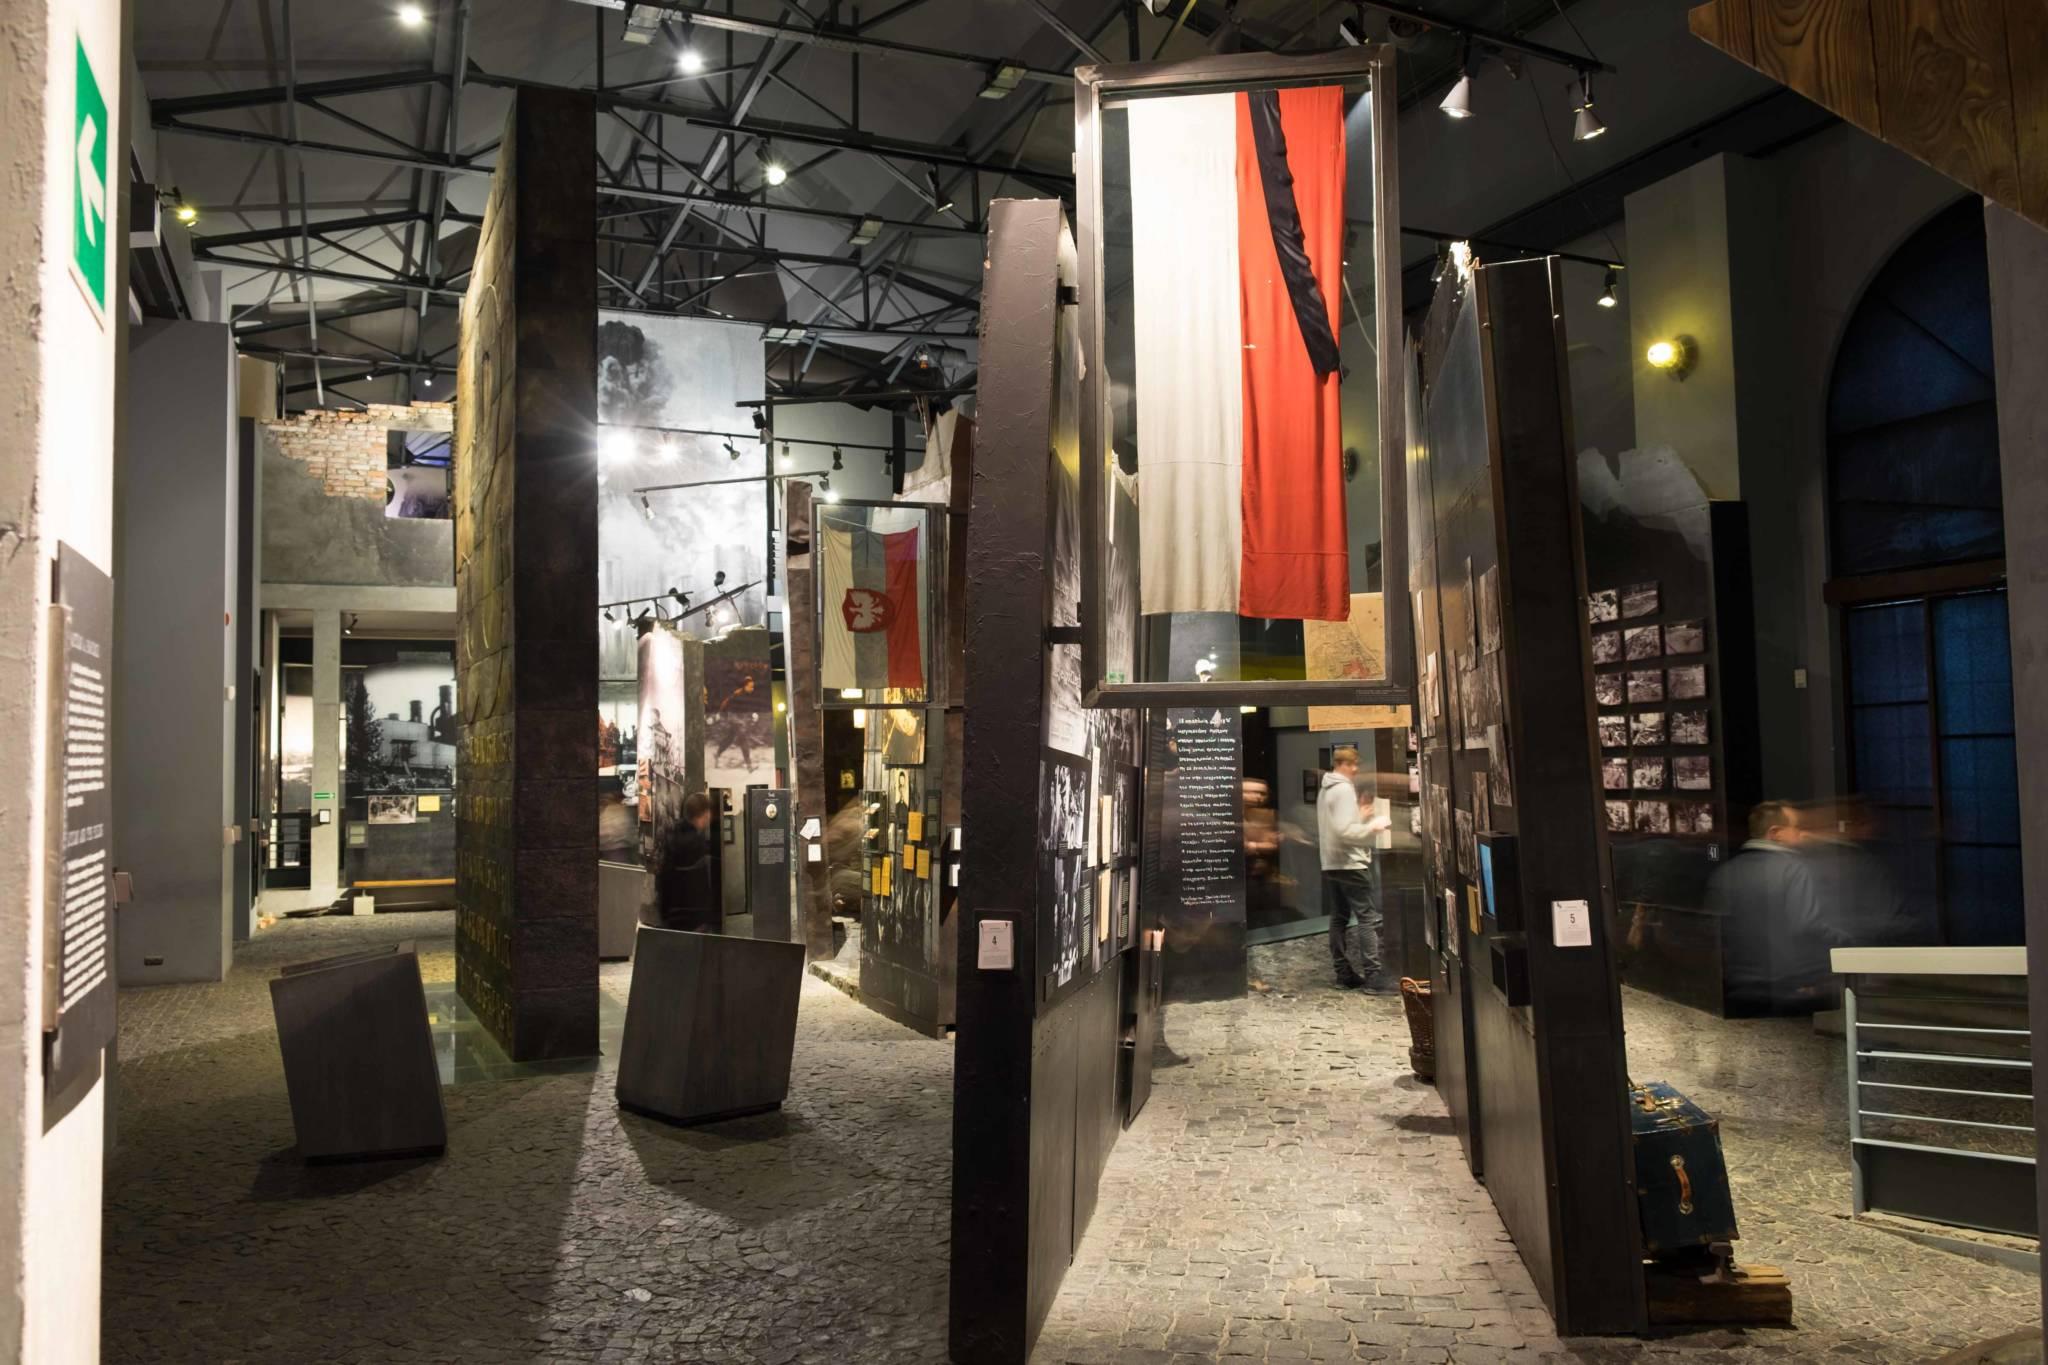 Muzeum Powstania Warszawskiego lr (29 of 37)